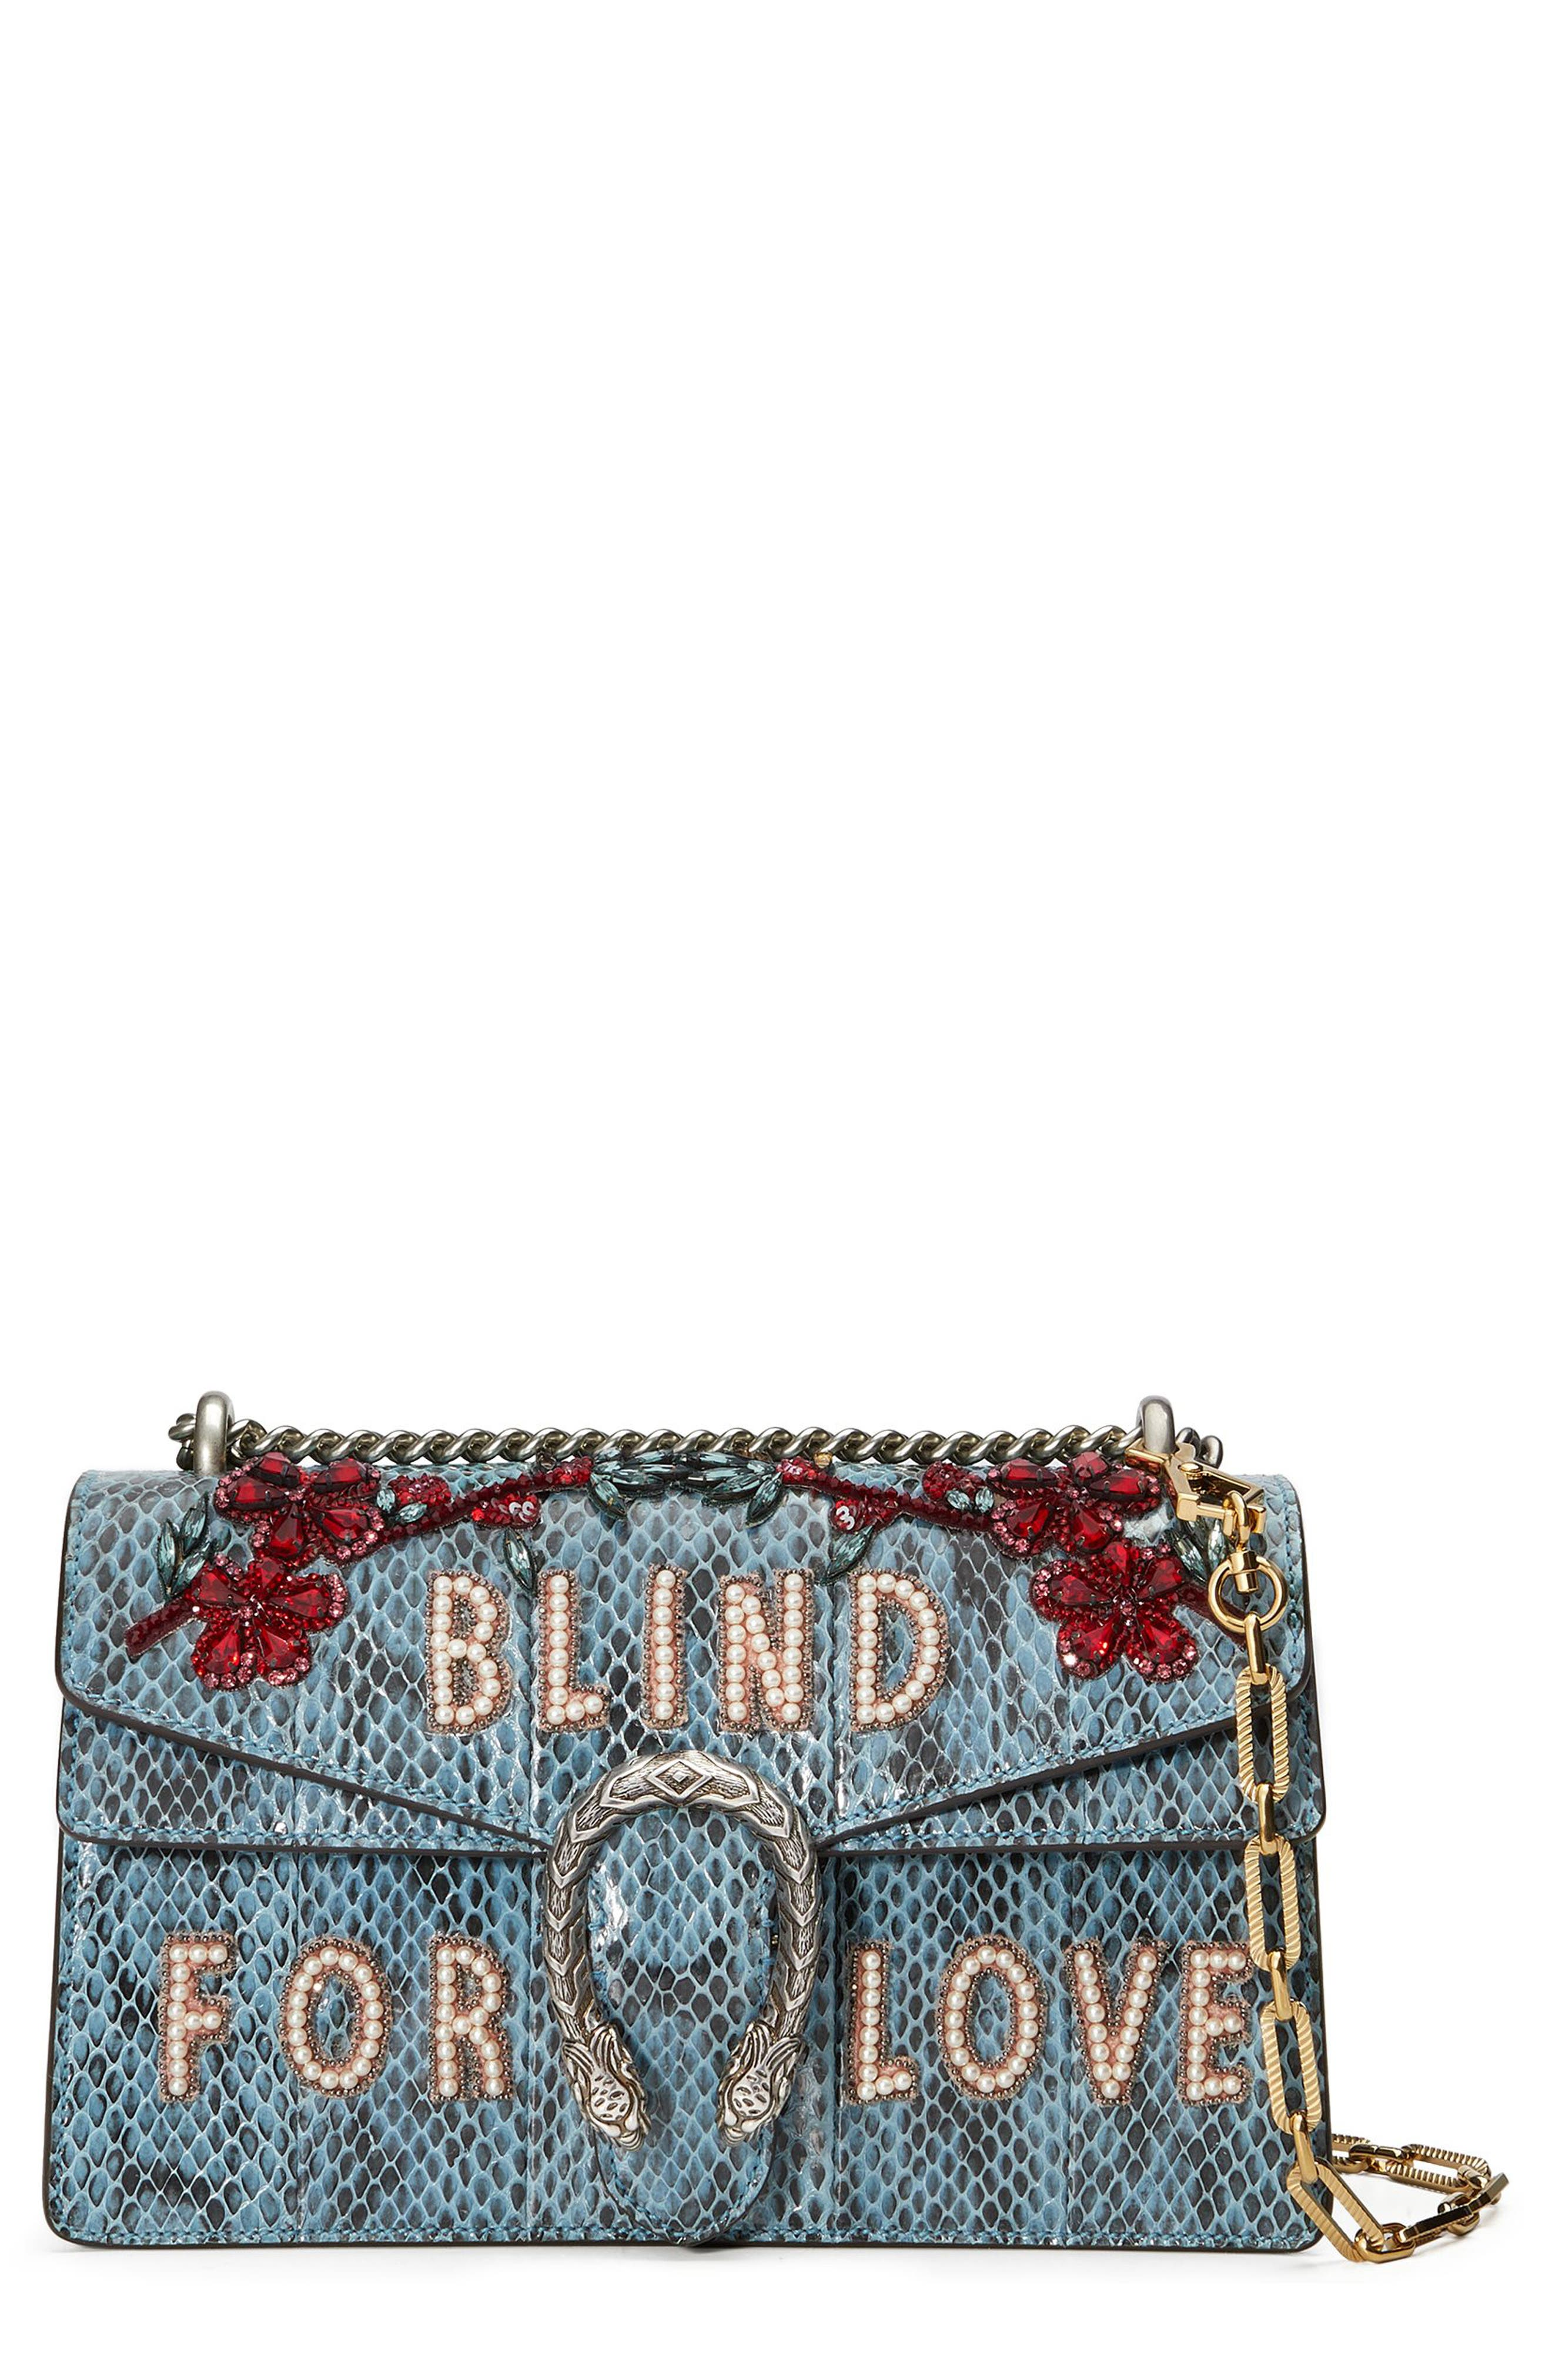 Alternate Image 1 Selected - Gucci Dionysus Blind for Love Genuine Snakeskin Shoulder Bag